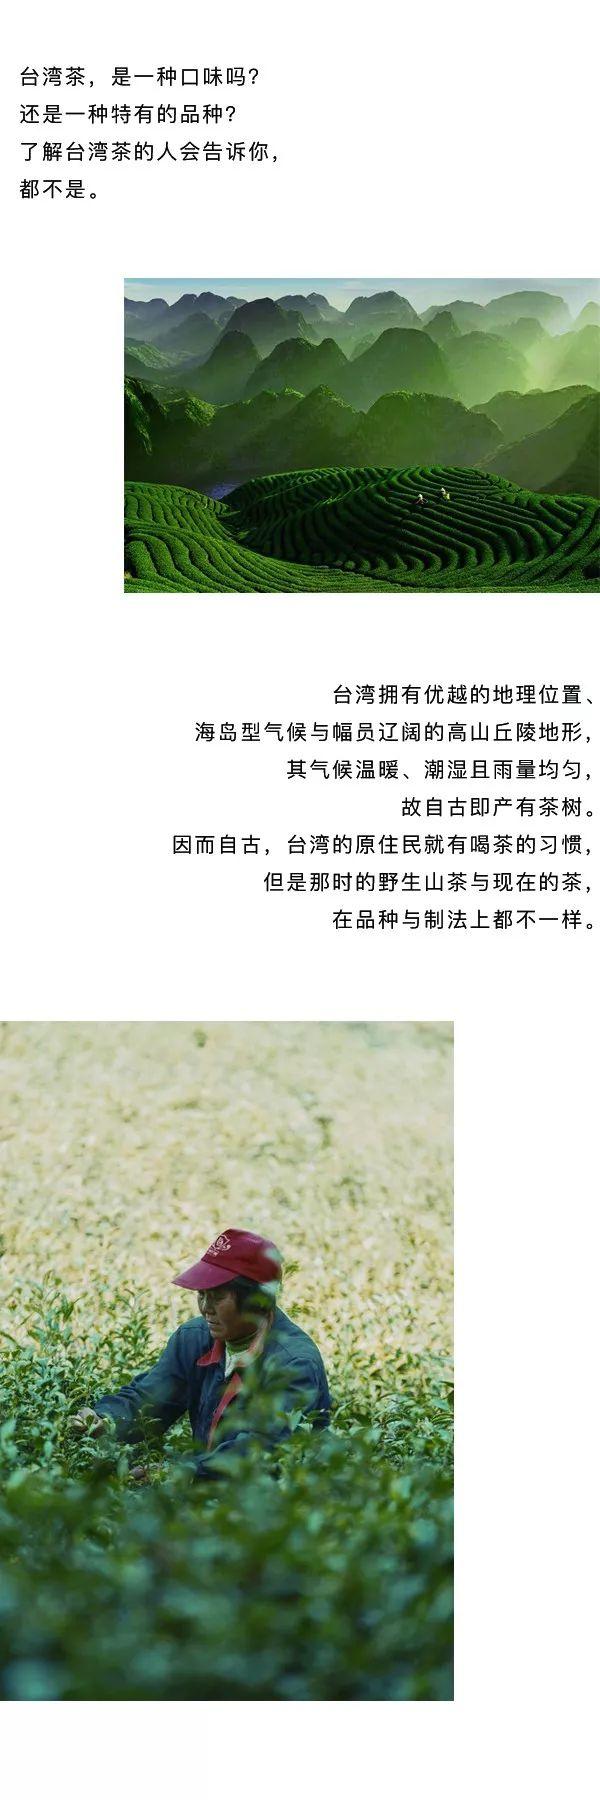 深圳,家具展,设计周,深圳设计周,茶文化,茶空间,品茶